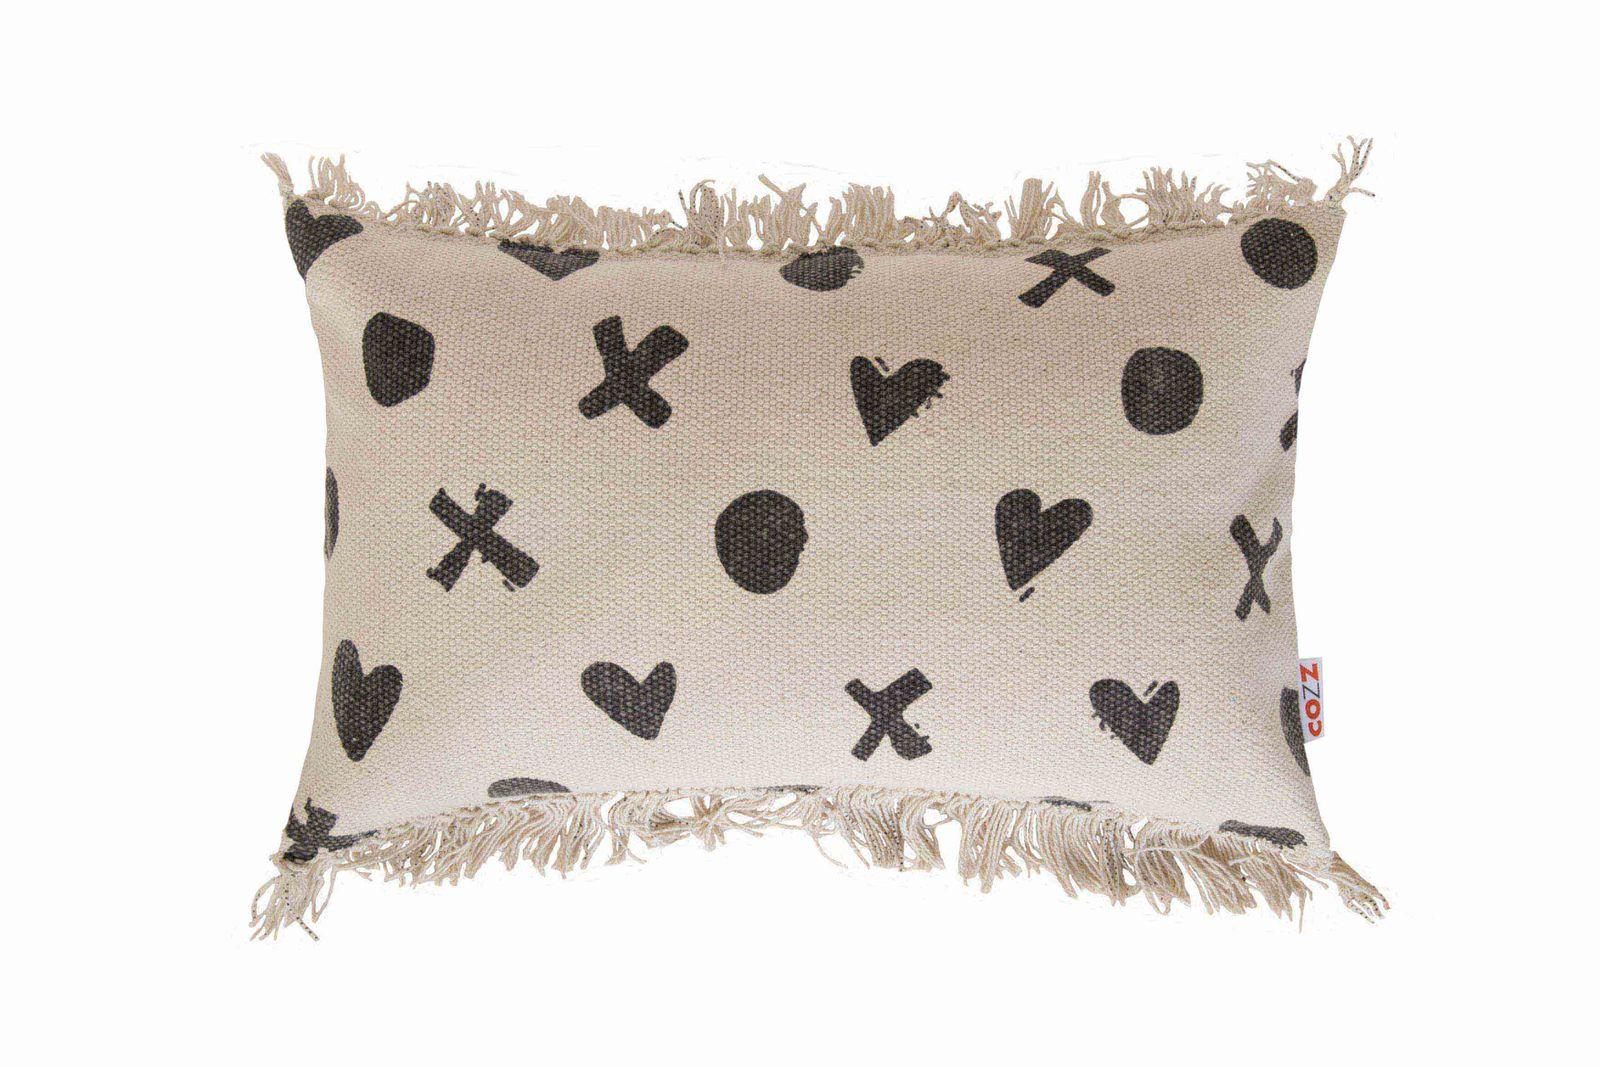 Pillow Case Cozz Hearts Fringes Faiza Graphit 30x50cm 5061 01